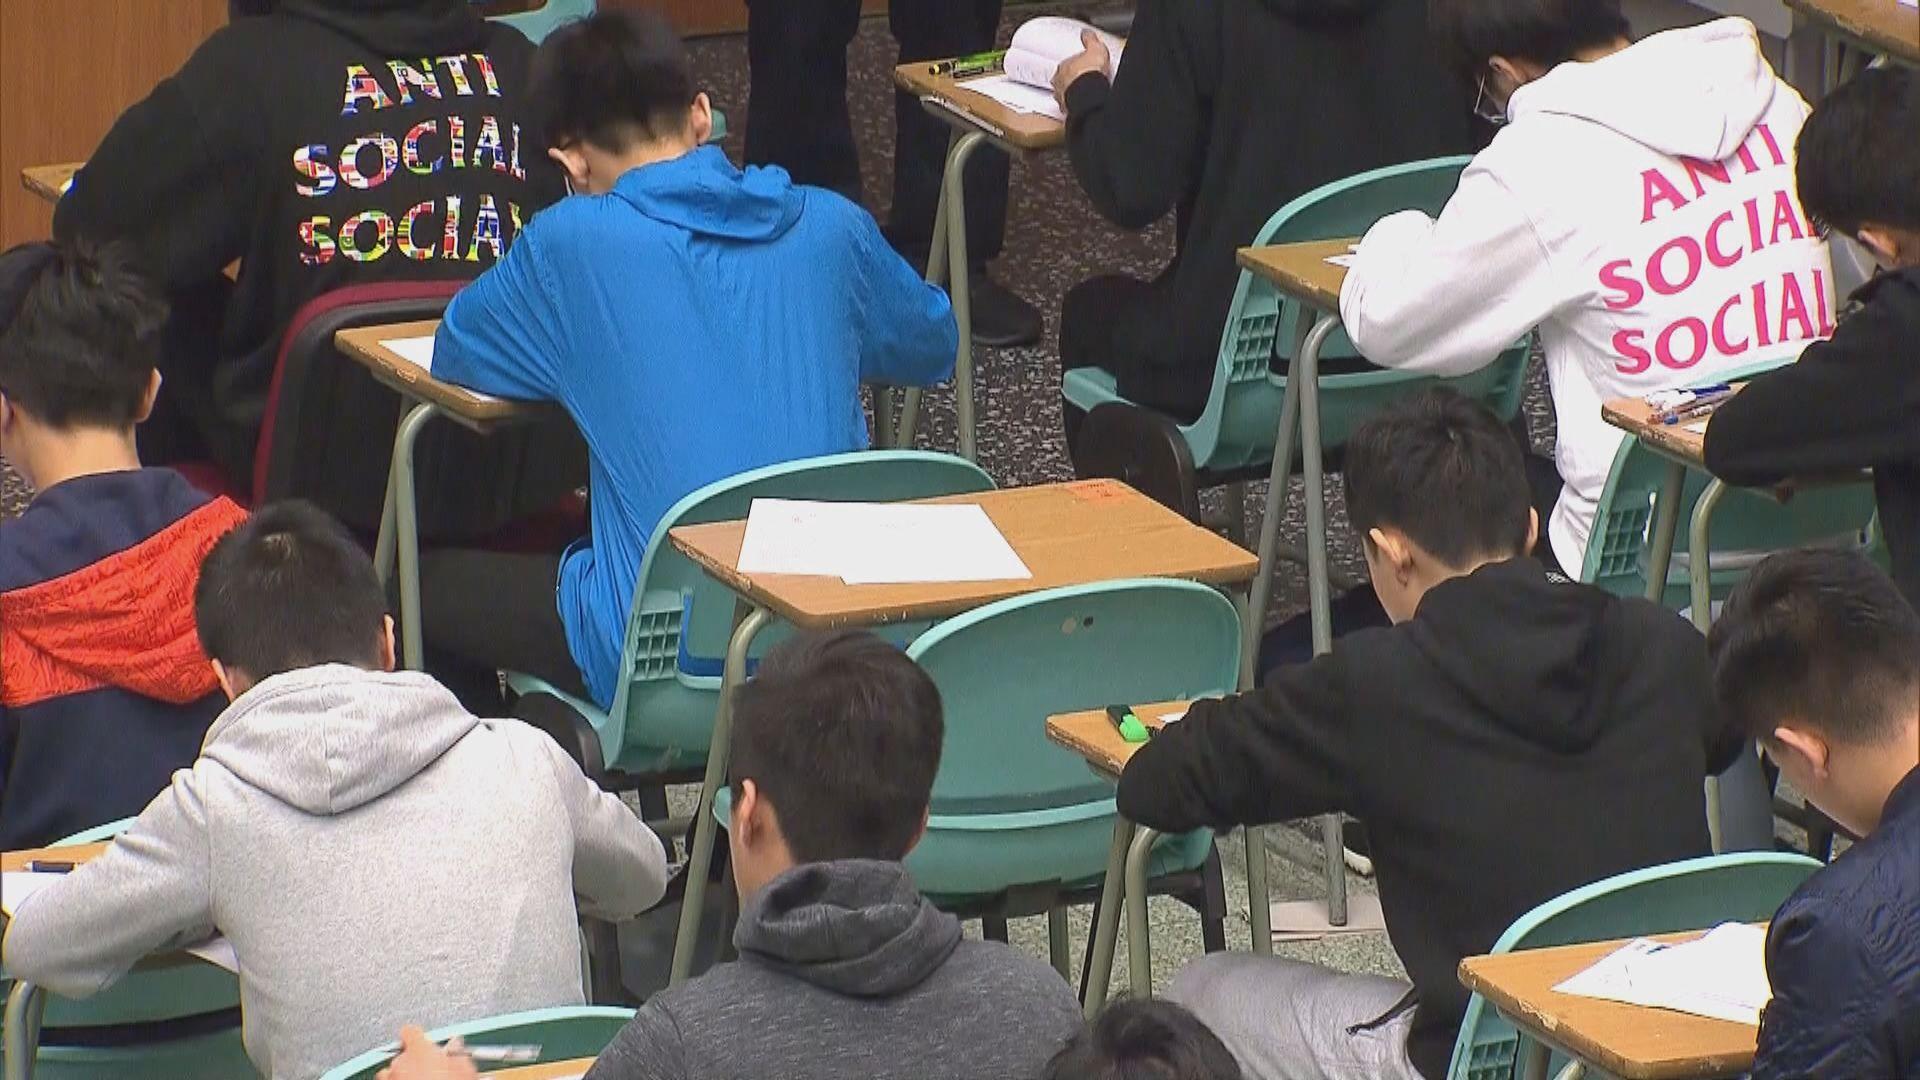 楊潤雄:若有考生確診 同場考生未必要全部強制隔離